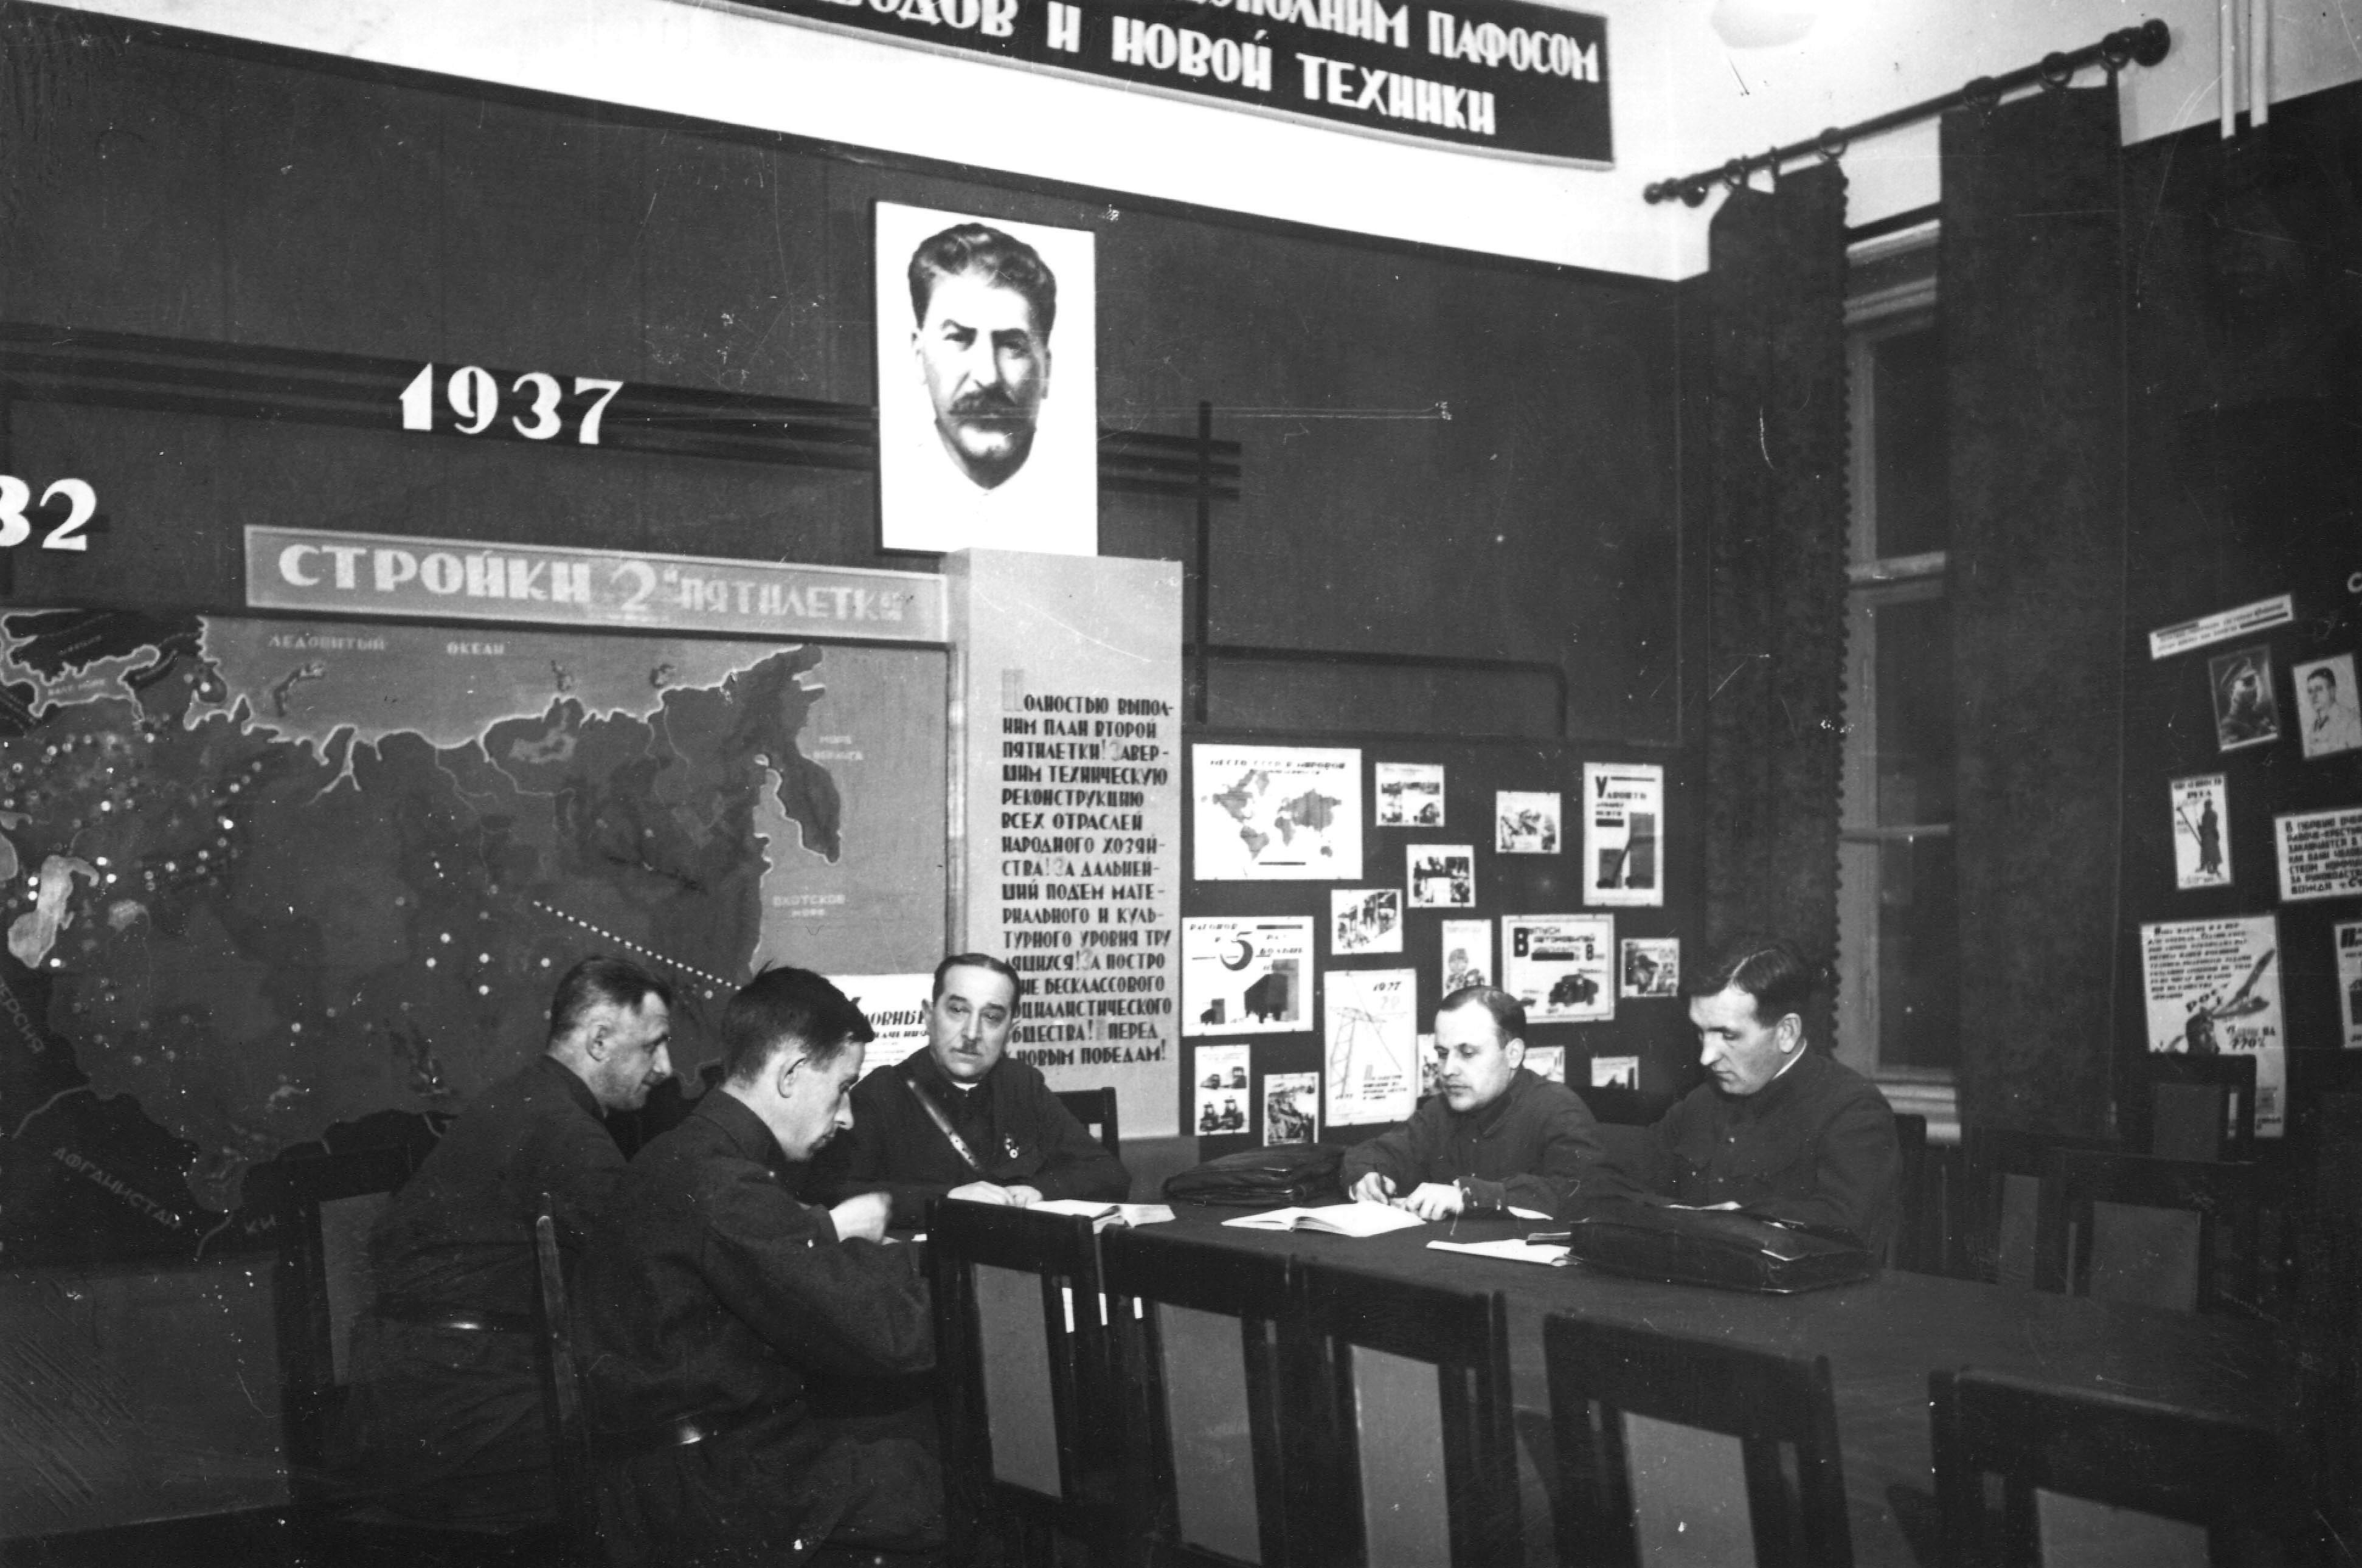 1936. Заседание кафедры военных наук проводит начальник кафедры П.Н. Одинцов